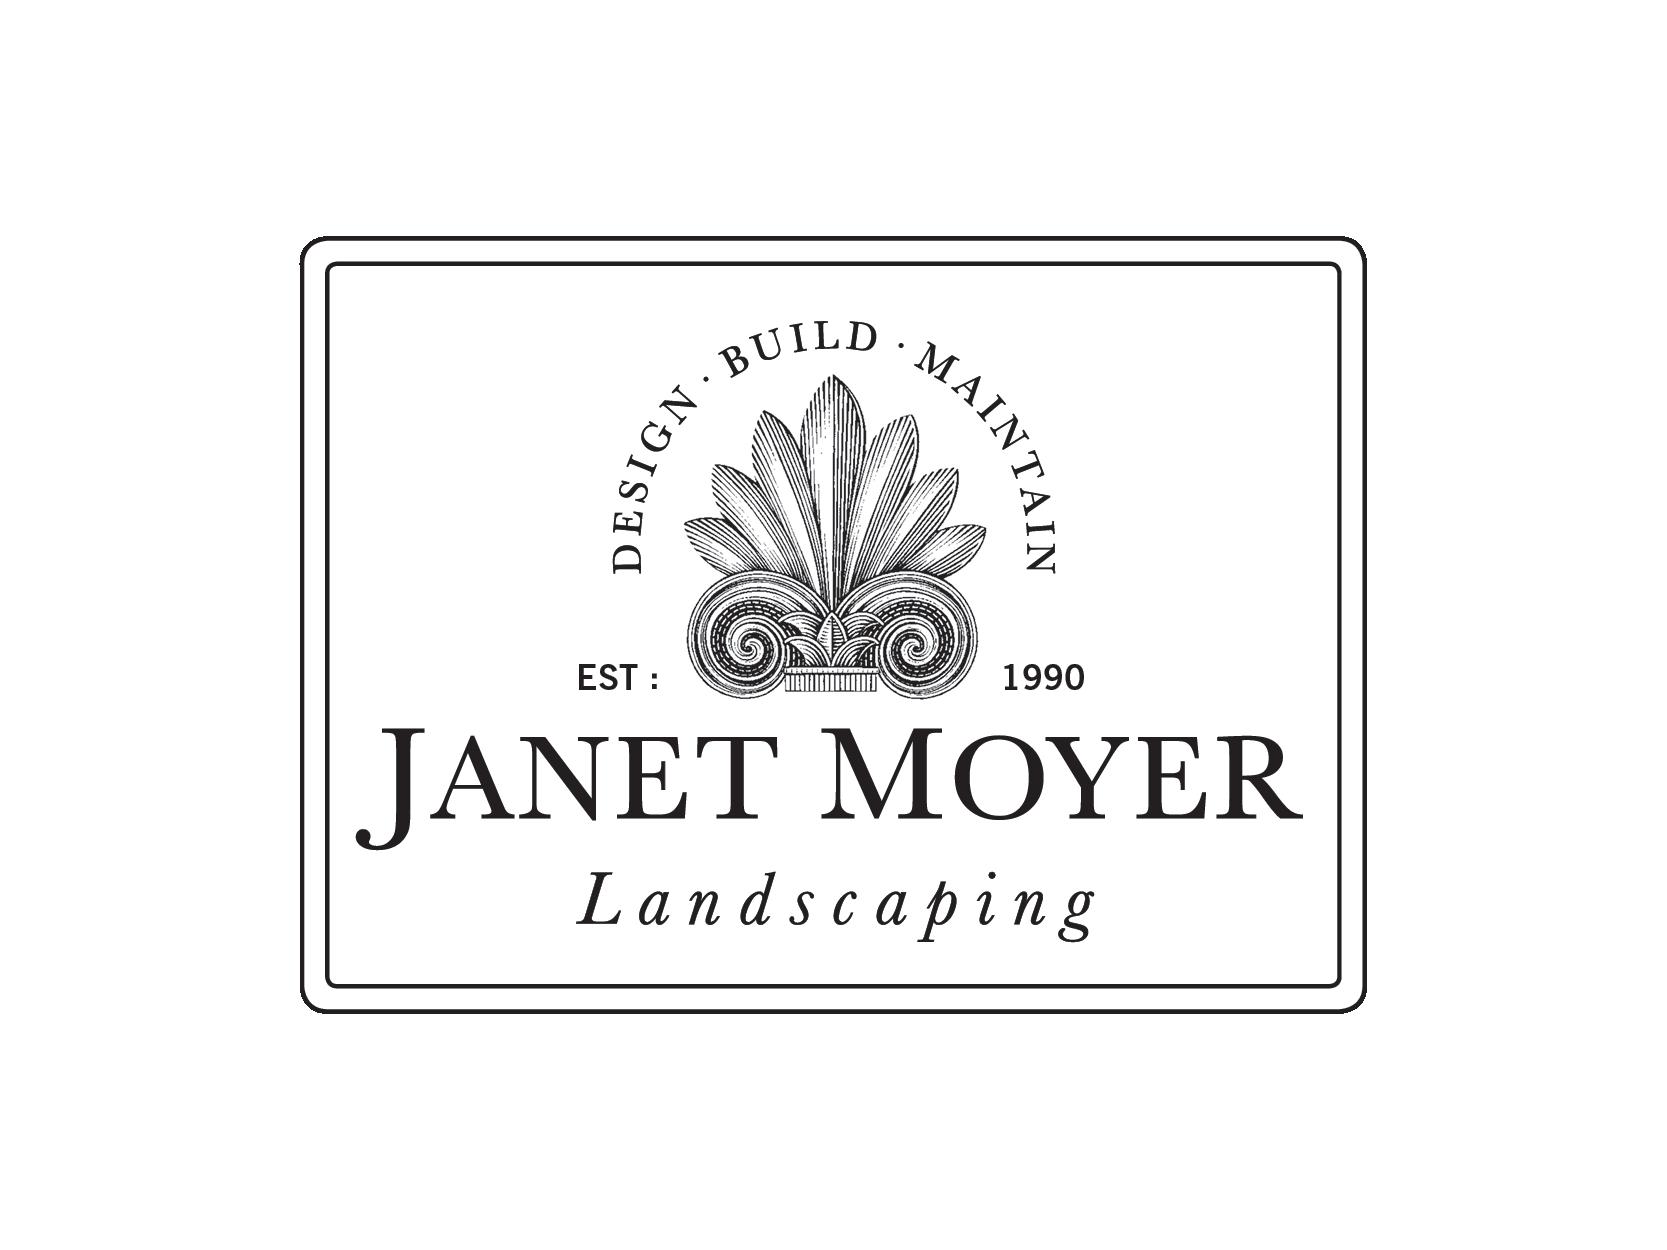 Janet Moyer Landscaping Logo